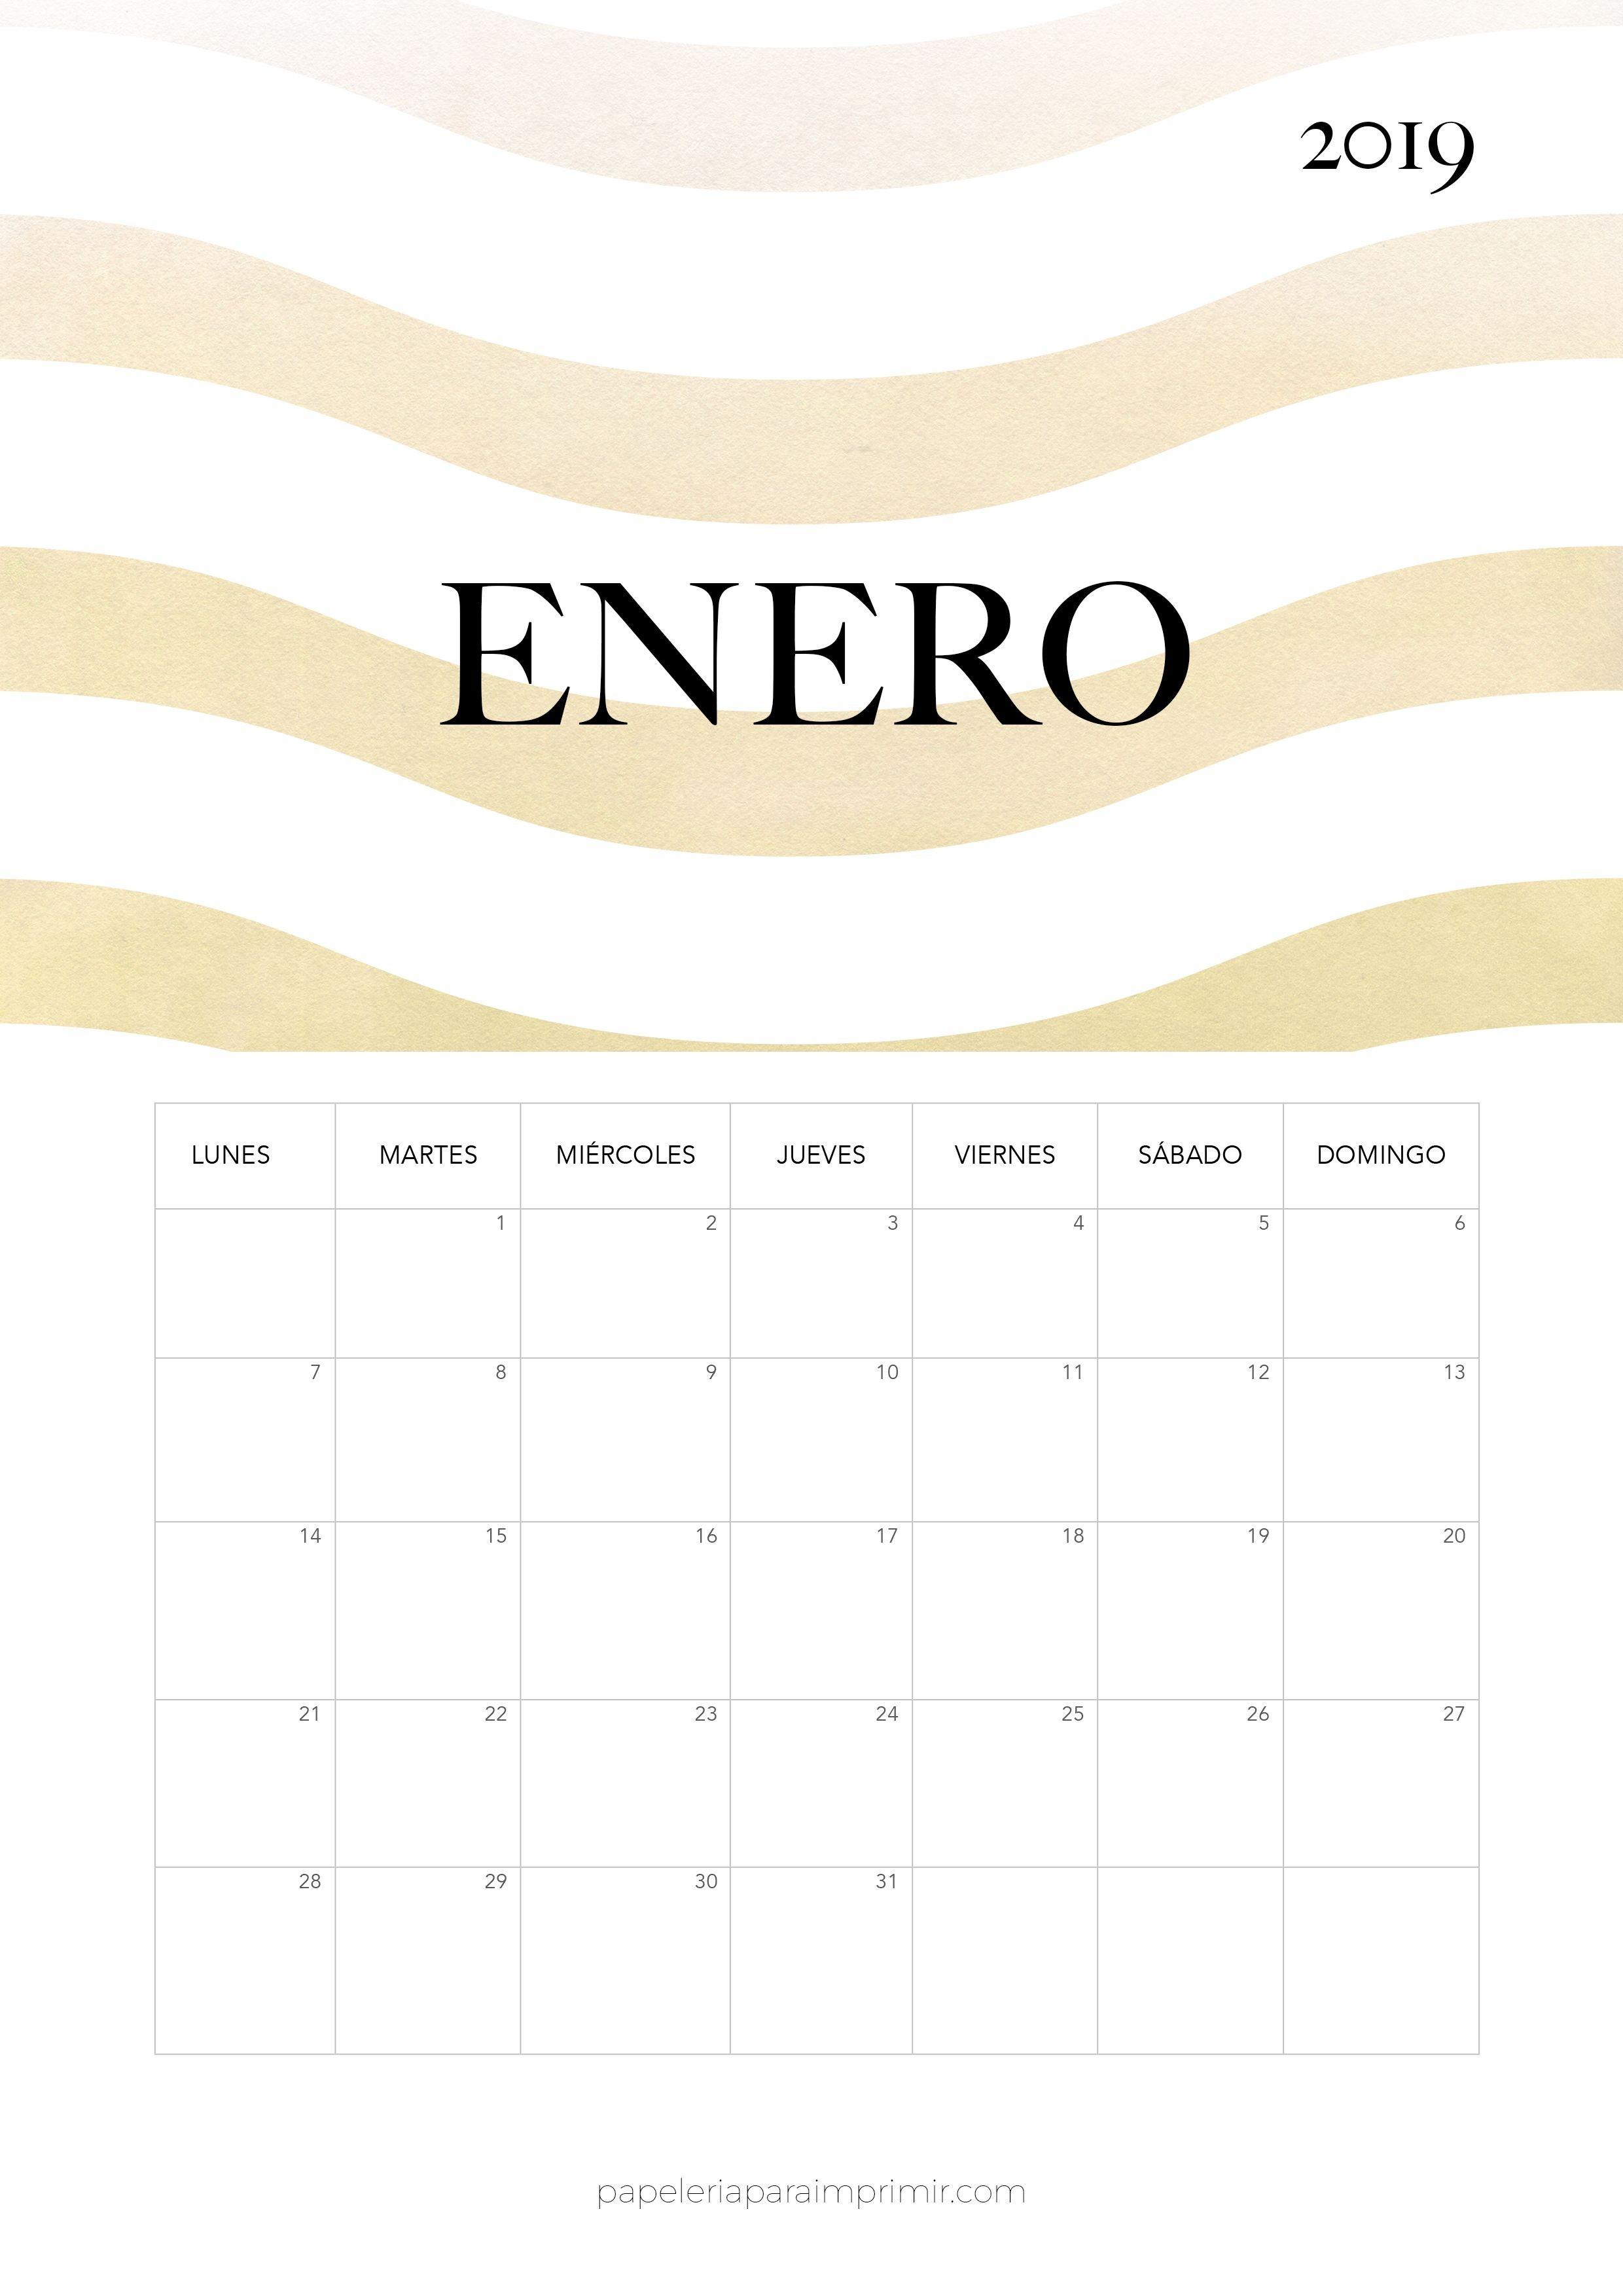 Calendario 2019 Mes Agosto Más Recientes Calendario 2019 Enero Calendario Mensual De Estilo Minimal Moderno Of Calendario 2019 Mes Agosto Recientes Boe Documento Boe A 2016 5551